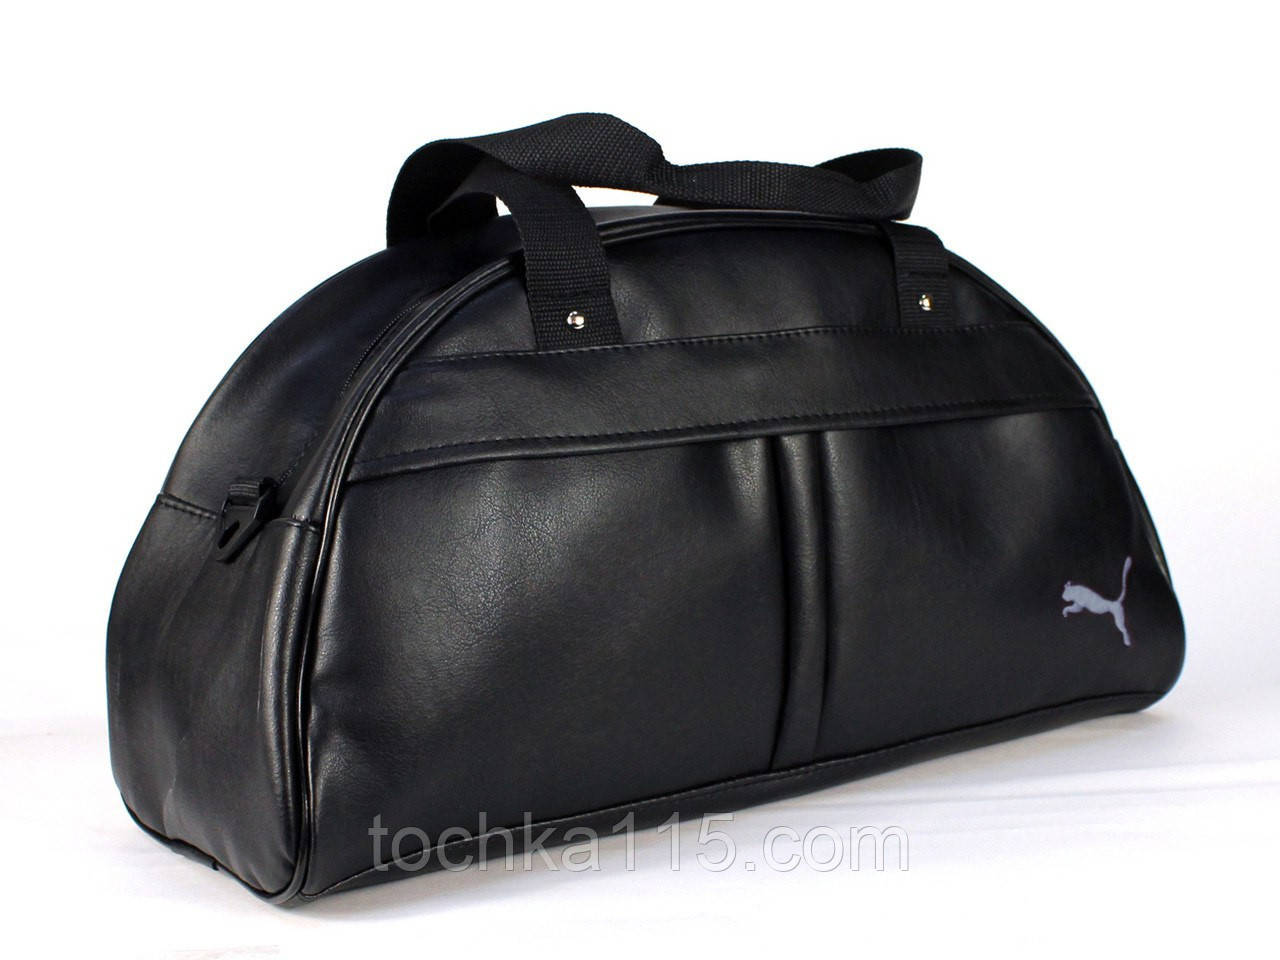 daa5ad846ec0 Спортивная сумка Puma логотип белый реплика - Точка 115 в Николаевской  области